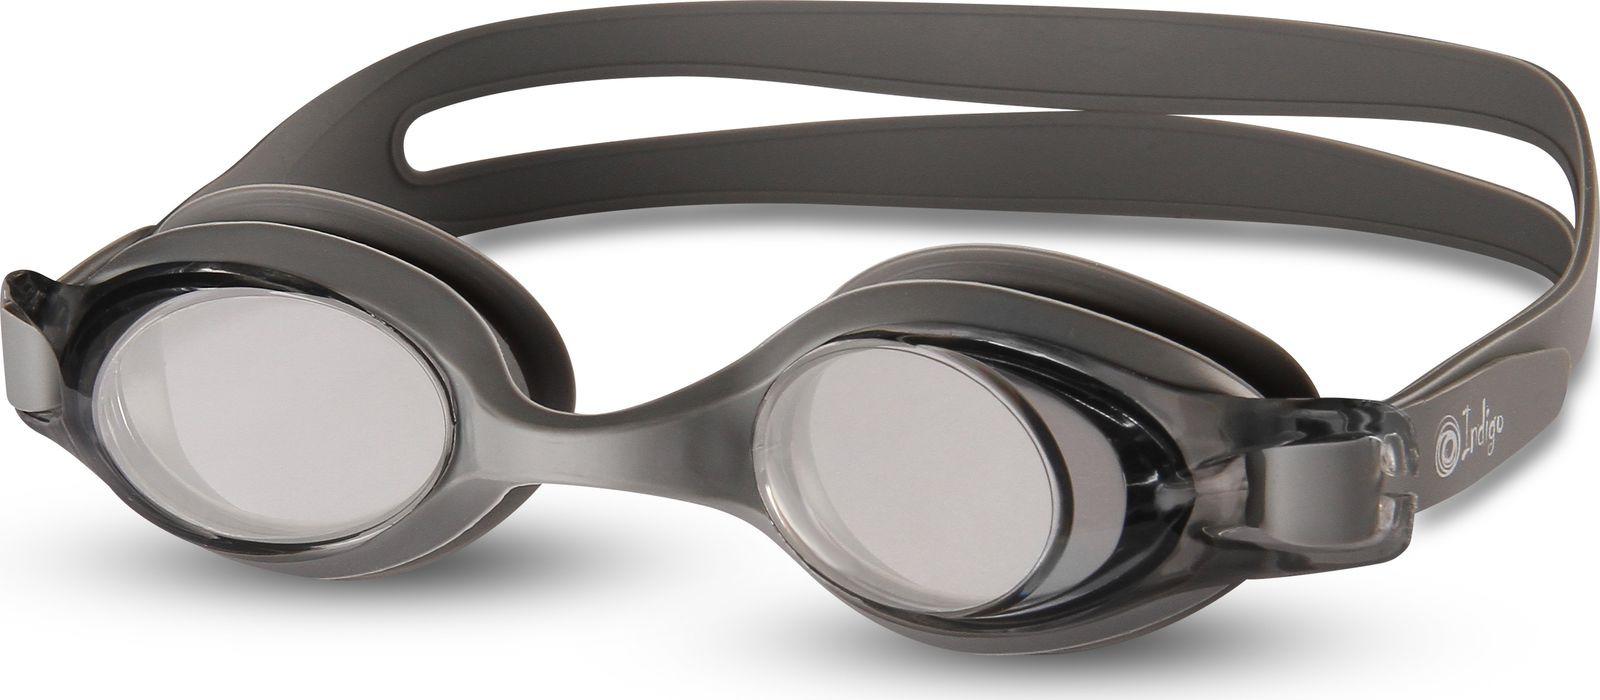 Очки для плавания Indigo, 812 G, серый812 GДля того, чтобы человек видел нормально (а не мутно) в воде, между глазом и водой должна быть воздушная прослойка Именно такую прослойку и создают очки для бассейна - один из обязательных элементов экипировки пловца Данная модель отлично подойдет как мужчинам так и женщинам Очки для плавания INDIGO G800 имеют мягкий раздвоенный силиконовый ремешок с легкой регулировкой под необходимый размер Антизапотевающее покрытие Antifog Нерегулируемая переносица Линзы: поликарбонат Оправа: силикон